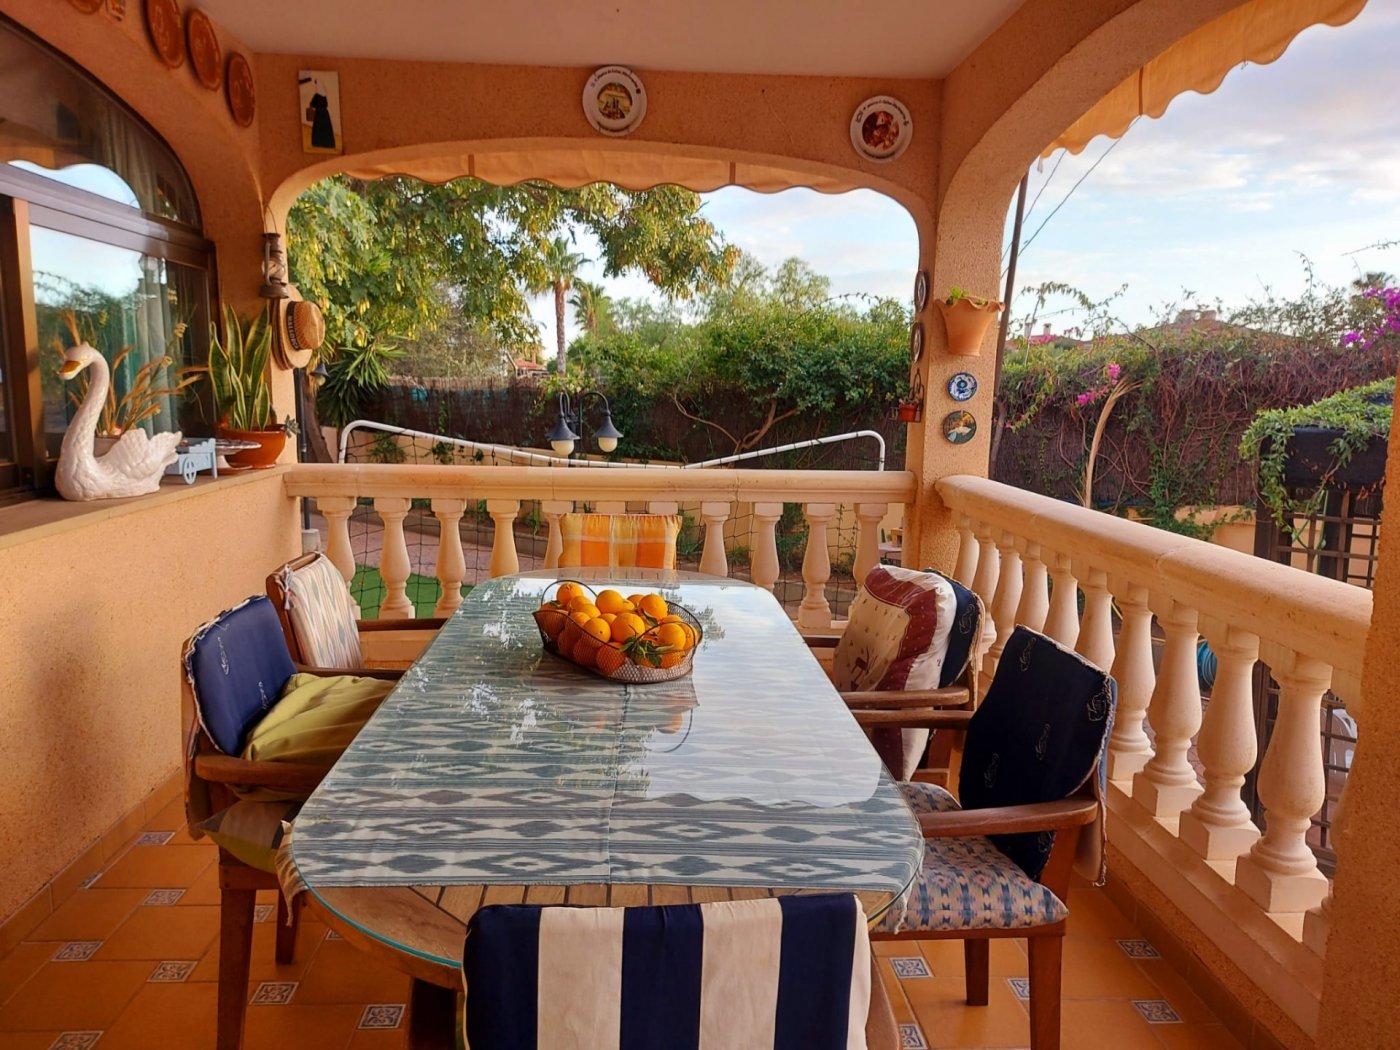 En venta espectacular casa o chalet en can carbonellell-sa cabana - imagenInmueble1